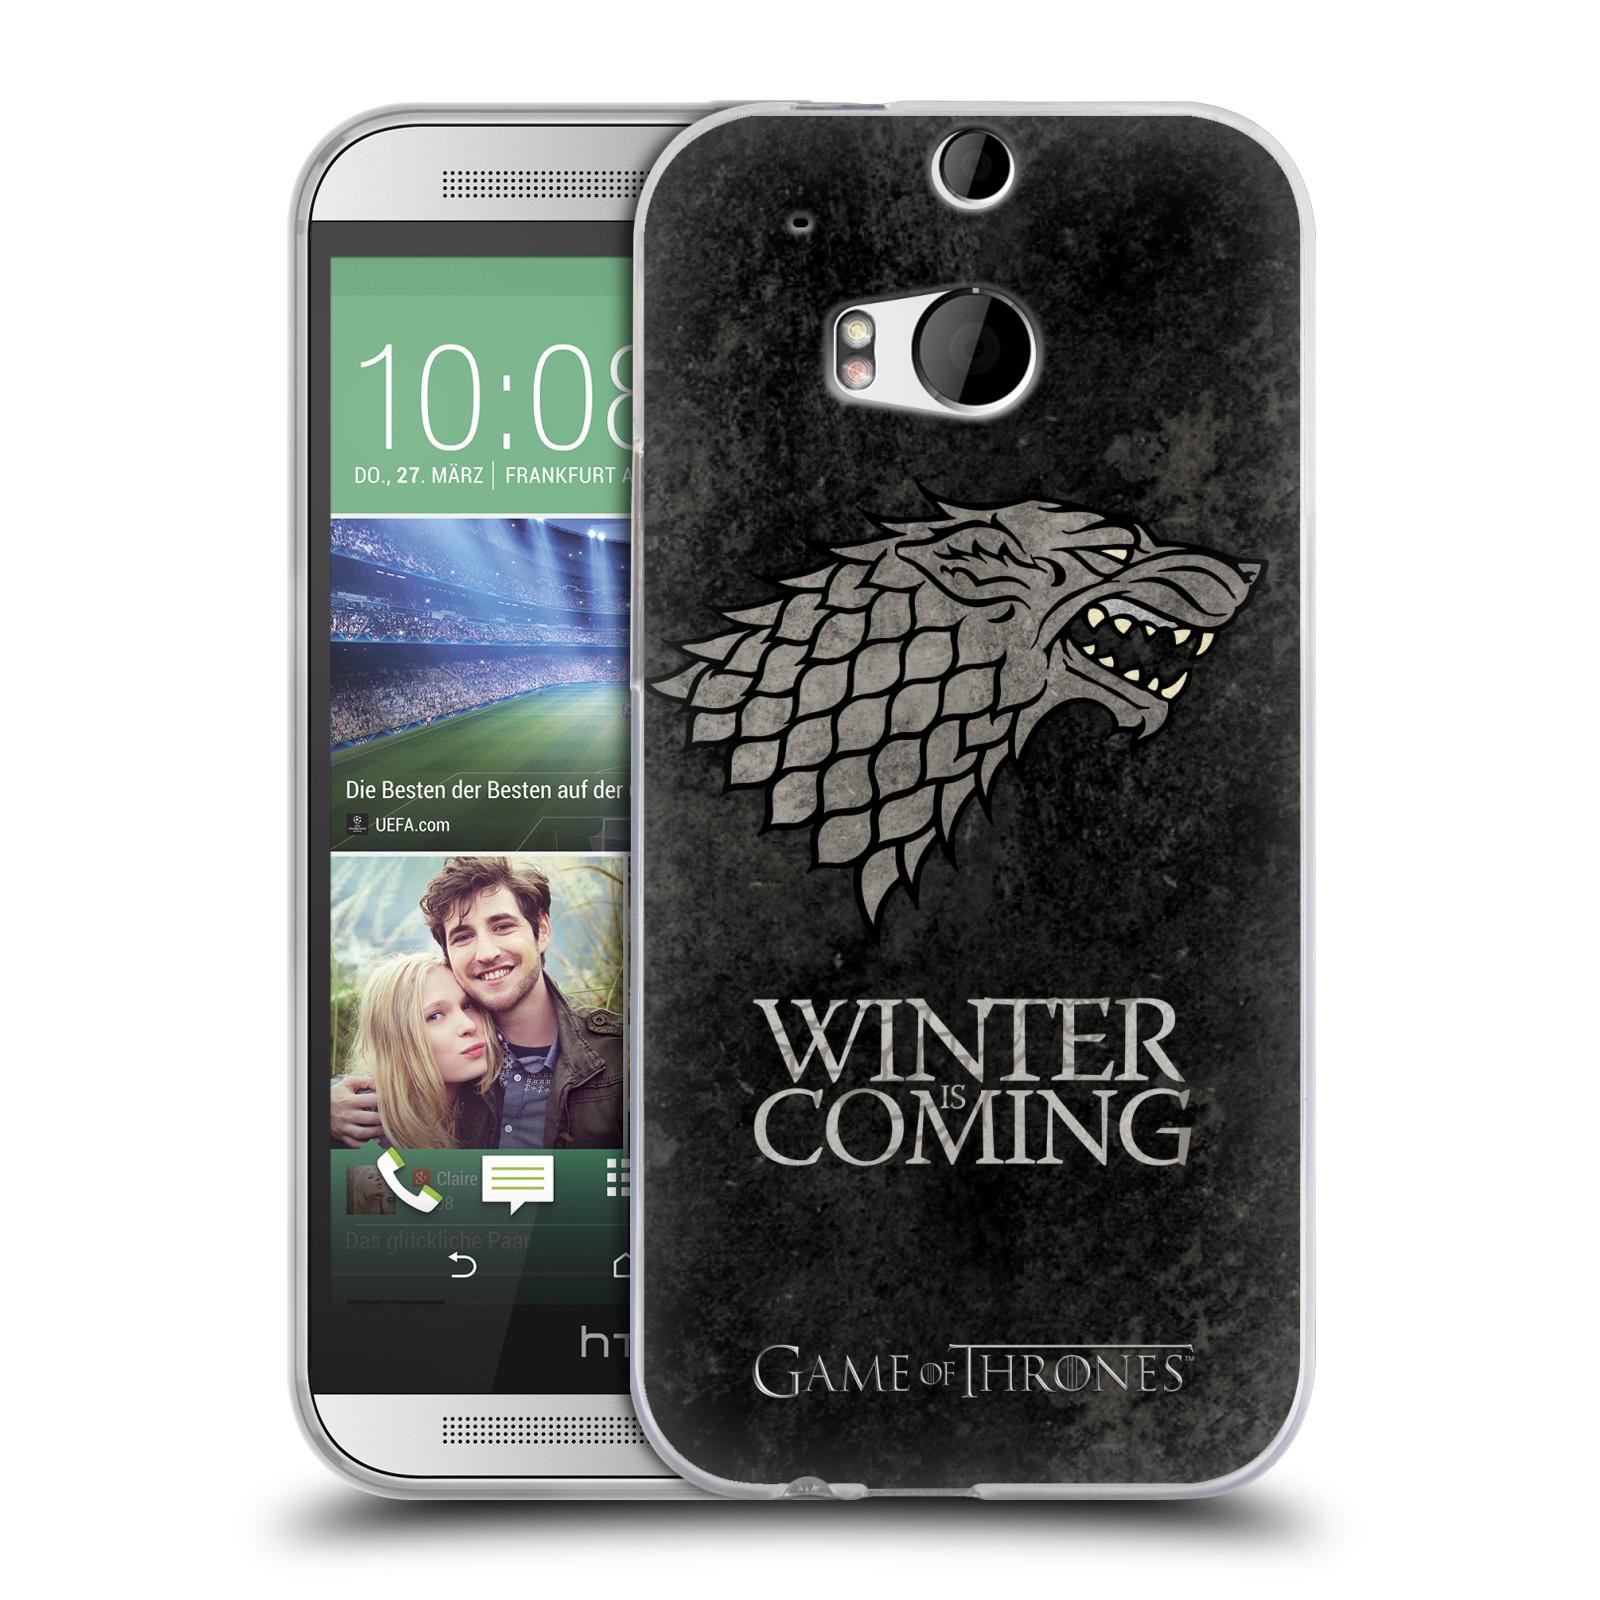 Silikonové pouzdro na mobil HTC ONE M8 HEAD CASE Hra o trůny - Stark - Winter is coming